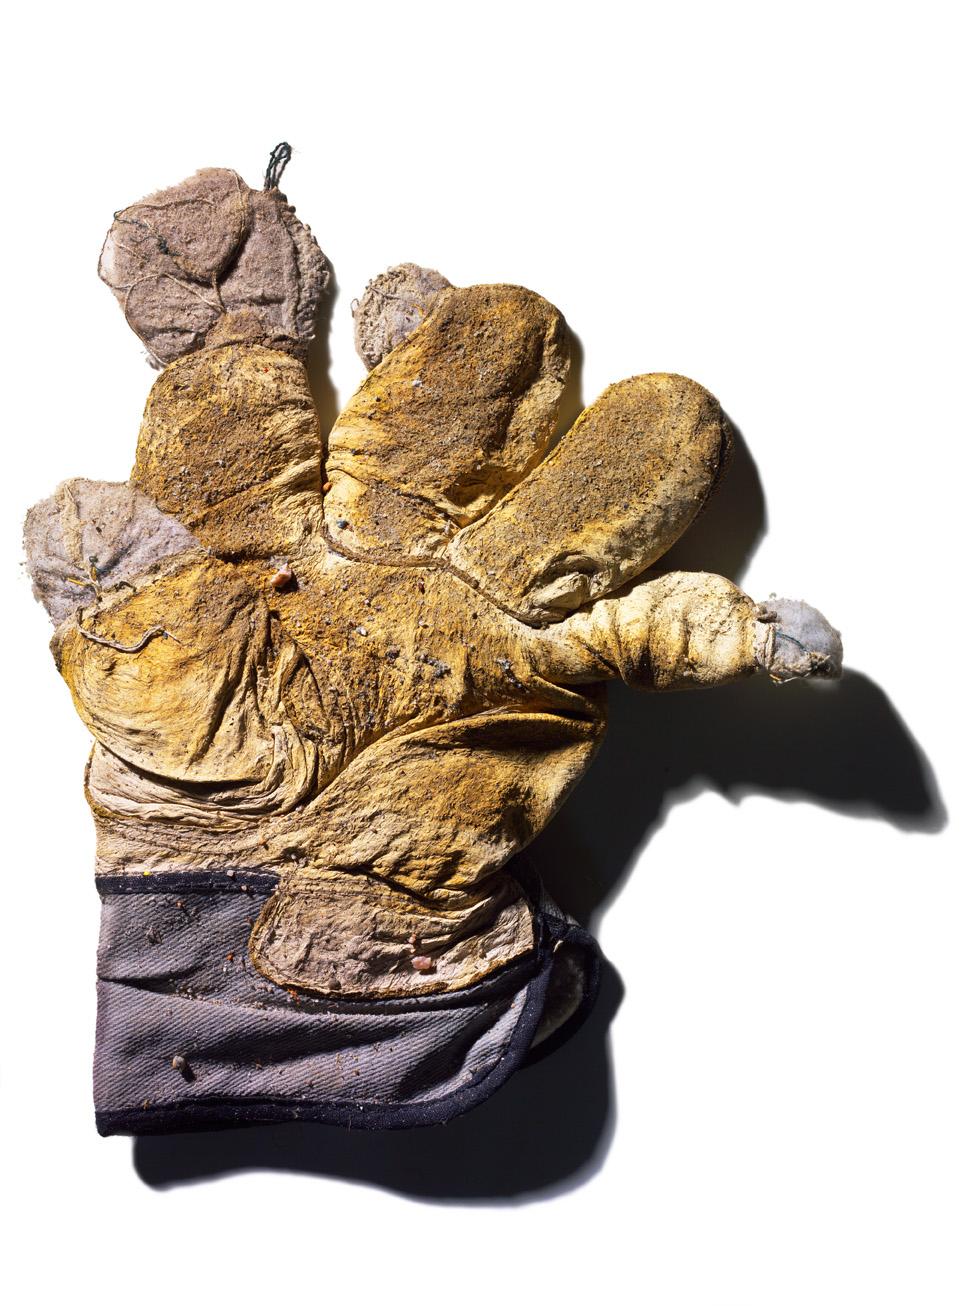 Per-Erik Berglund - Handsken är kastad